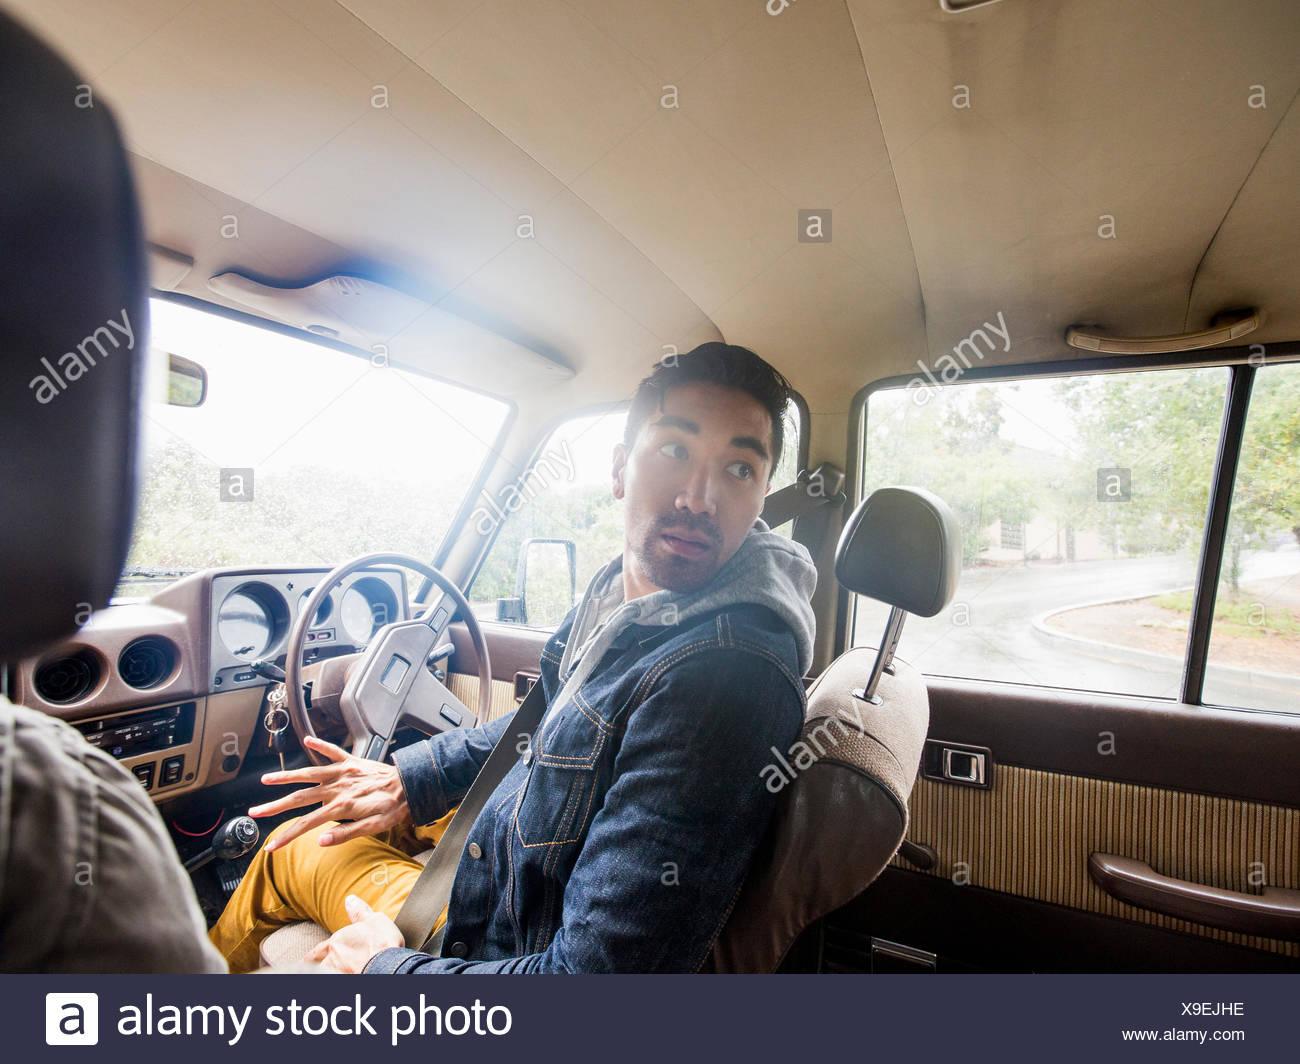 Jeune homme dans une voiture, sur le siège du conducteur, regardant par-dessus son épaule Photo Stock